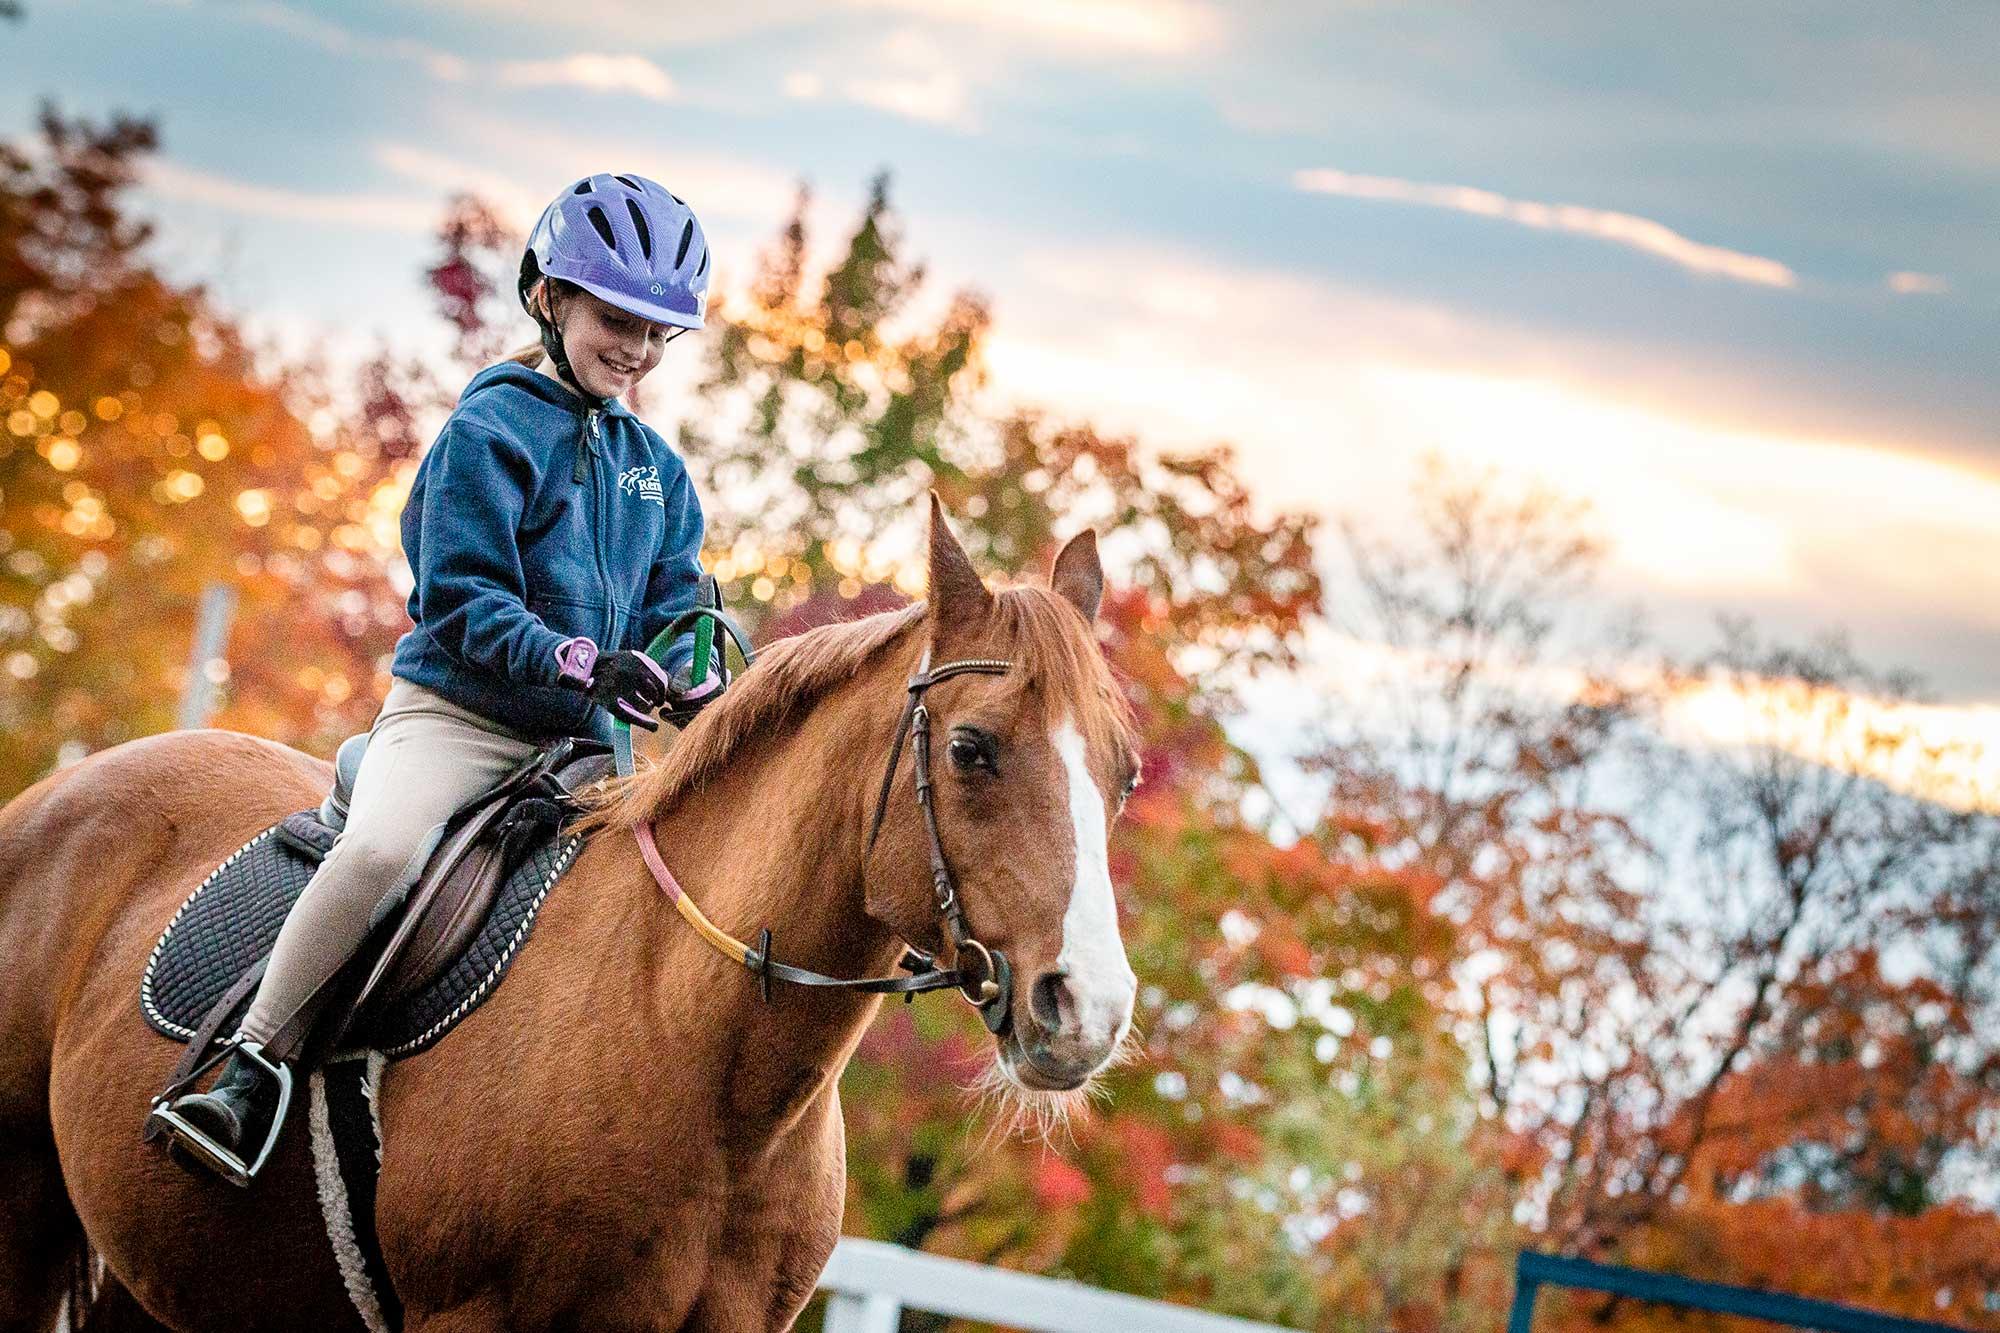 Jeune fille sur un cheval arabe